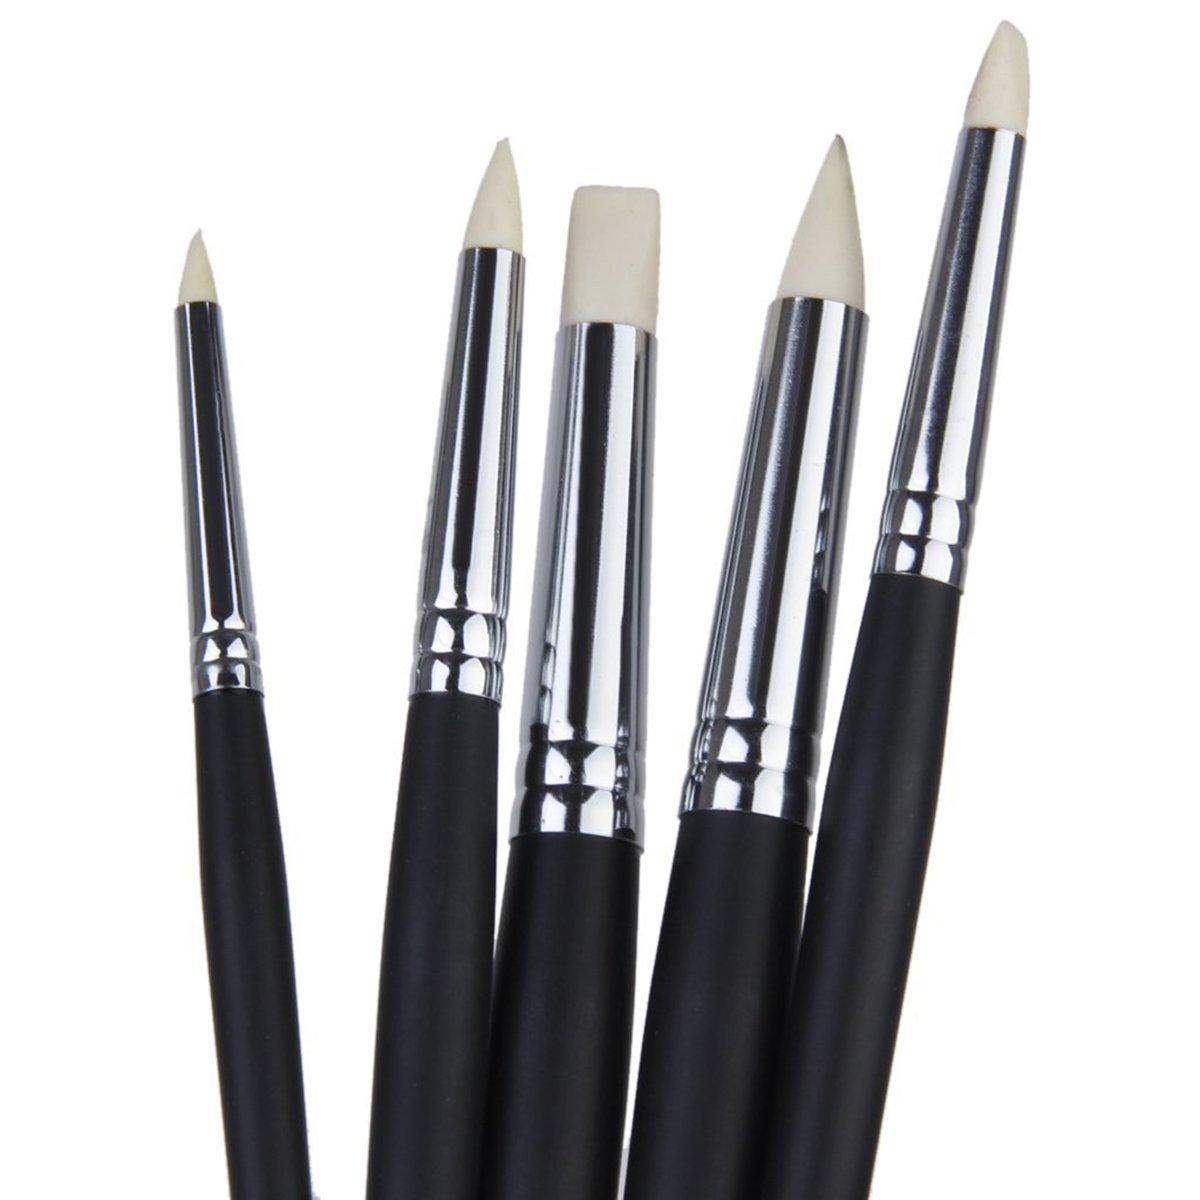 ULTNICE Doux Argile Couleur Shaper Pinceaux Outils de Peinture de Sculpture Noir 9/pi/èces